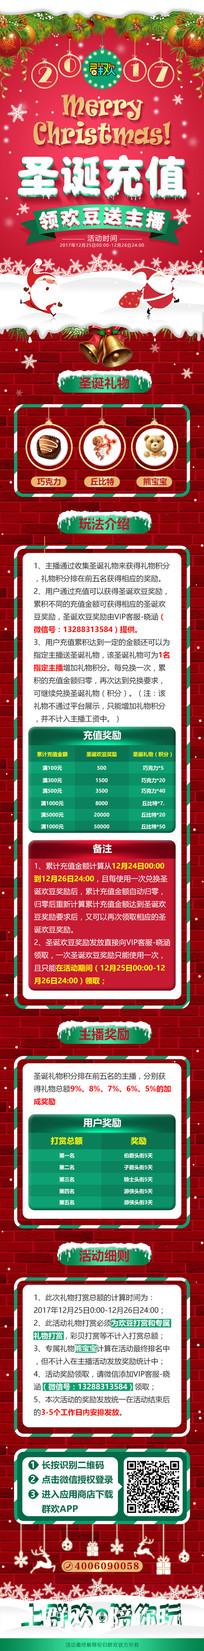 圣诞节活动推广页面模板 PSD